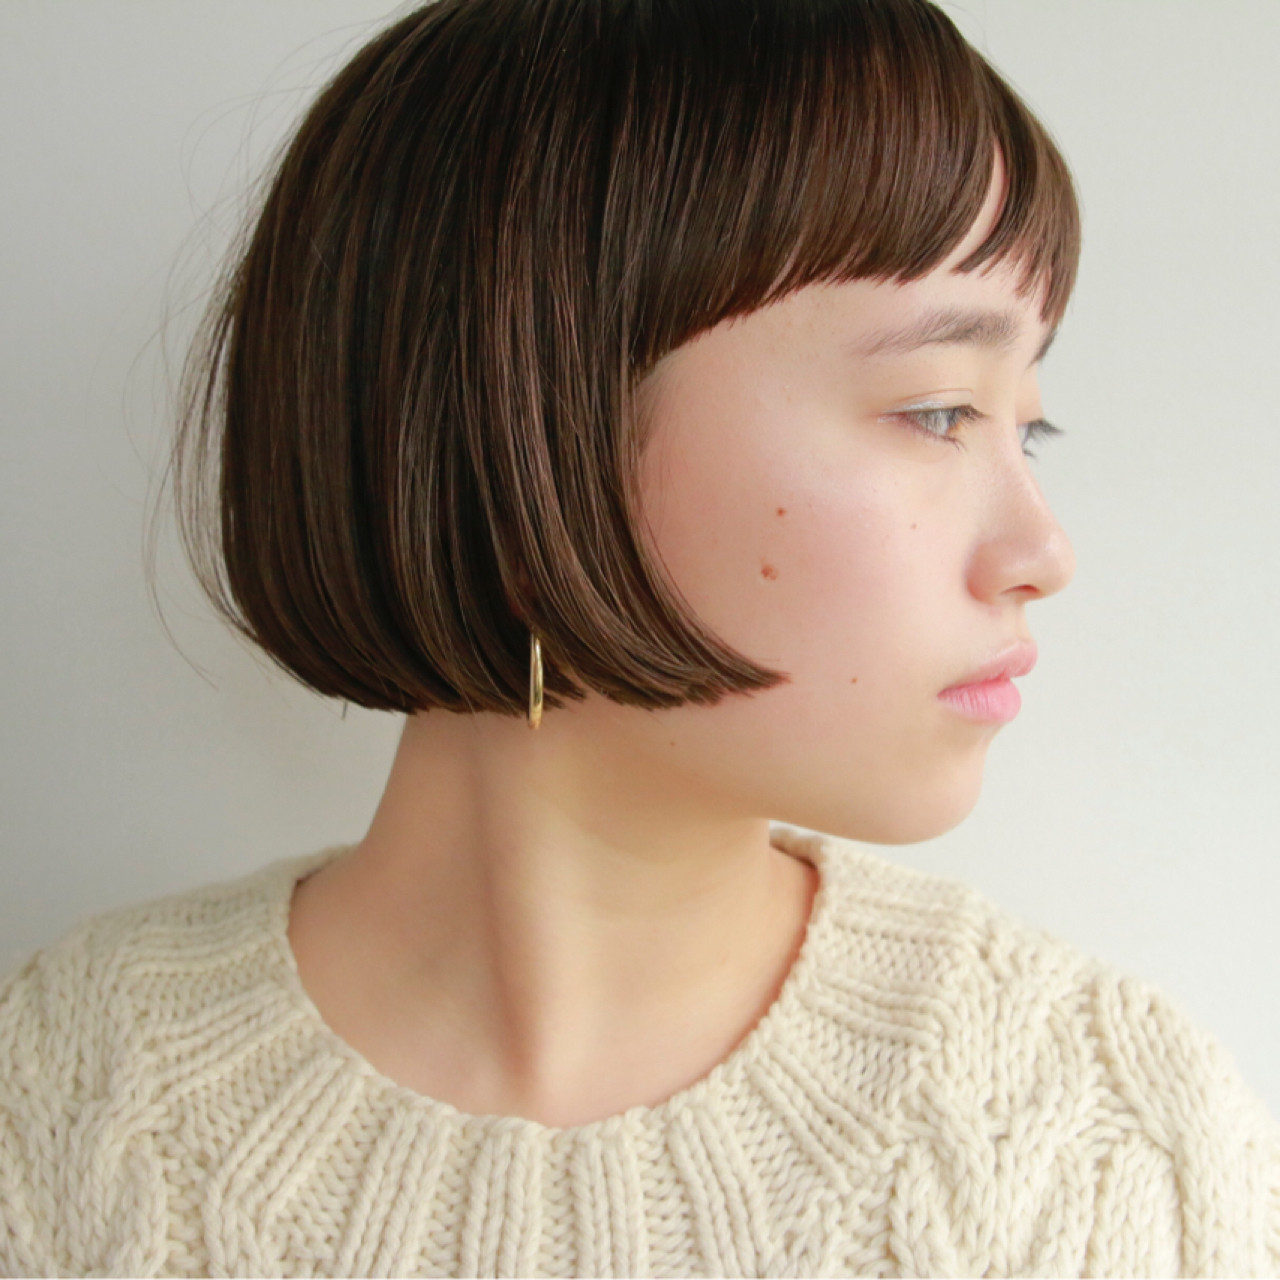 ボブ 秋冬ショート 前髪あり 切りっぱなし ヘアスタイルや髪型の写真・画像